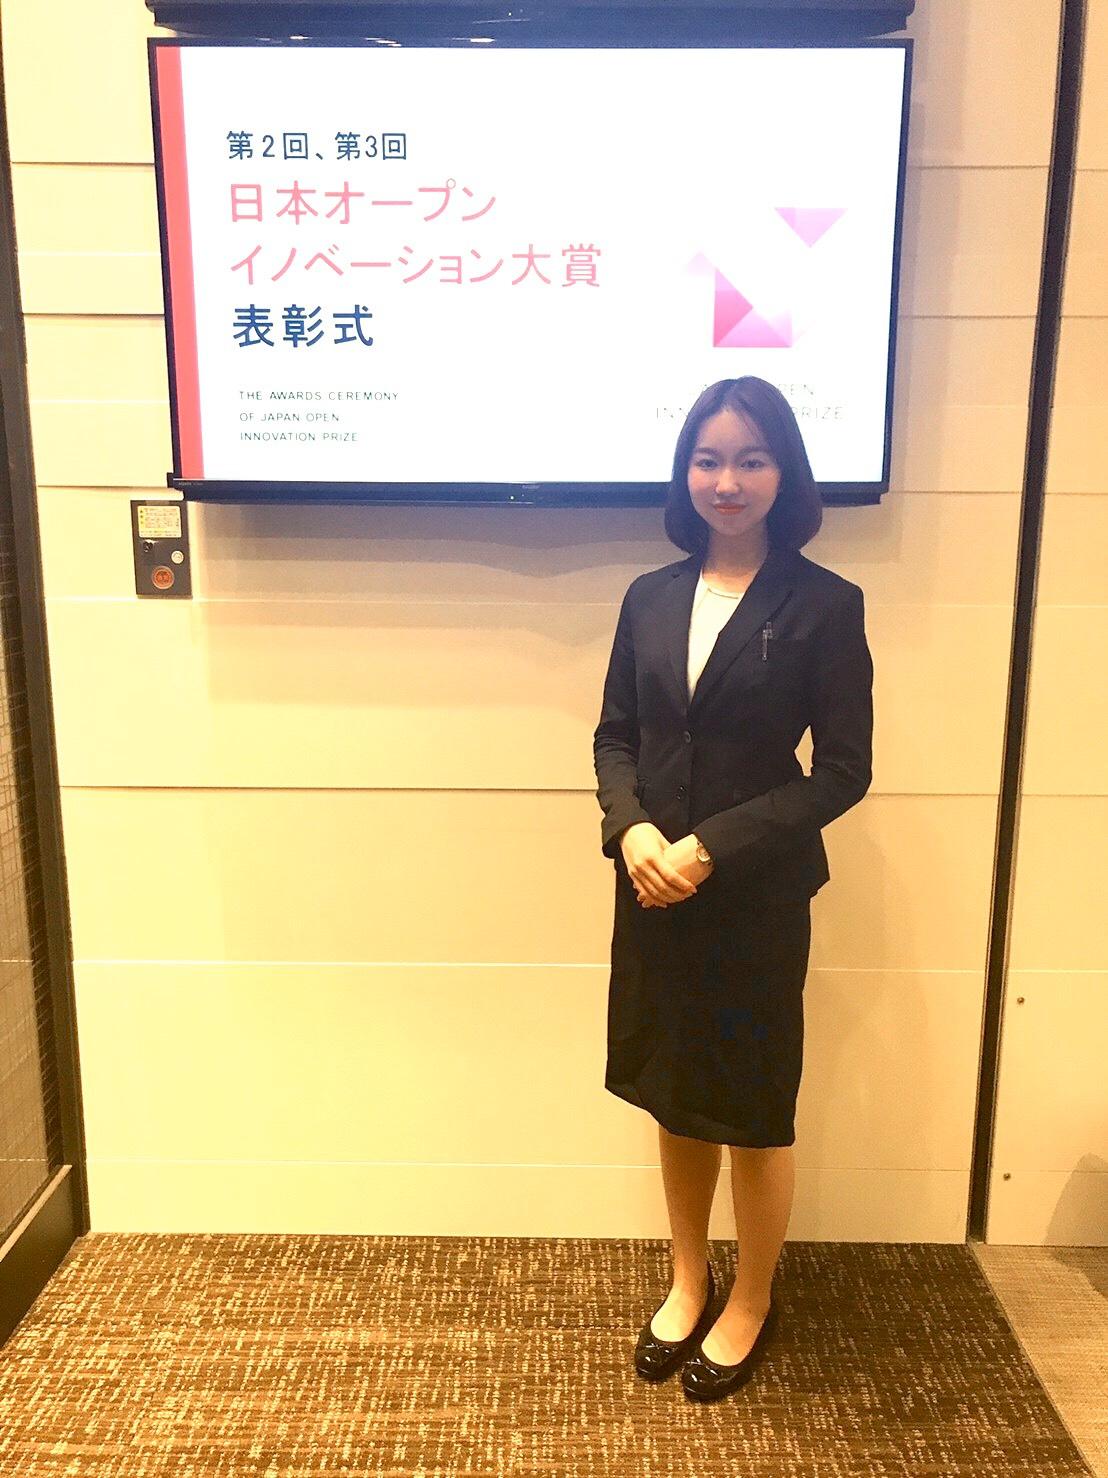 日本オープンイノベーション大賞表彰式@虎ノ門ヒルズ